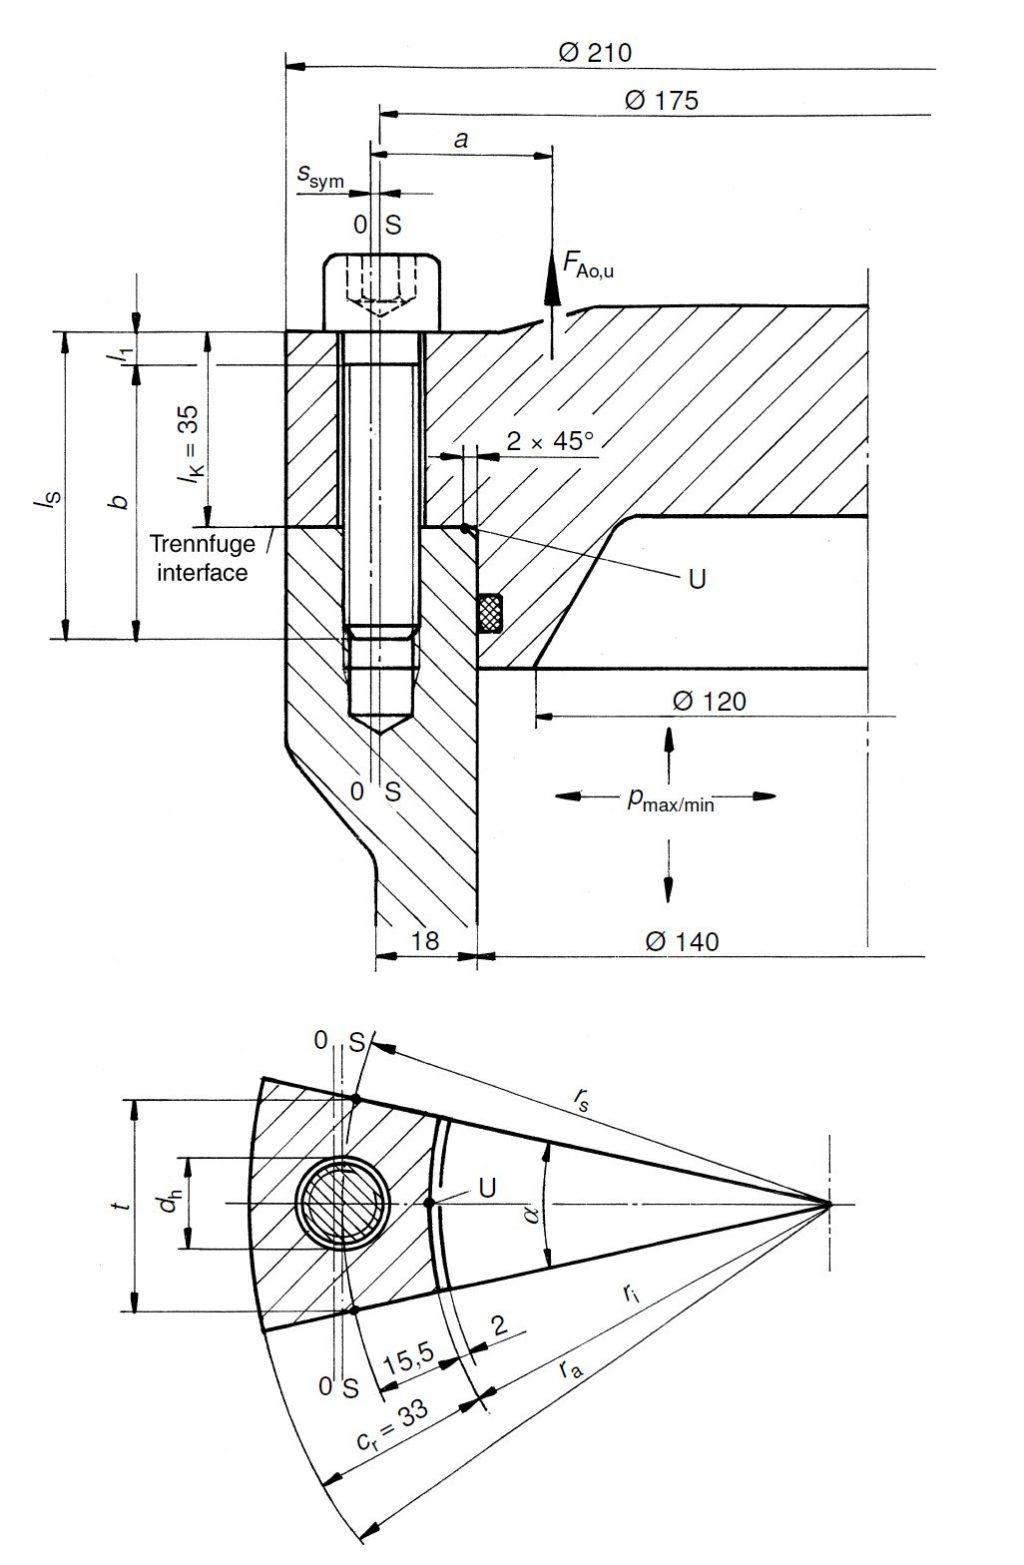 Technische Zeichnung - Abbildung der Schraubenverbindung aus VDI 2230 - Beispiel 5